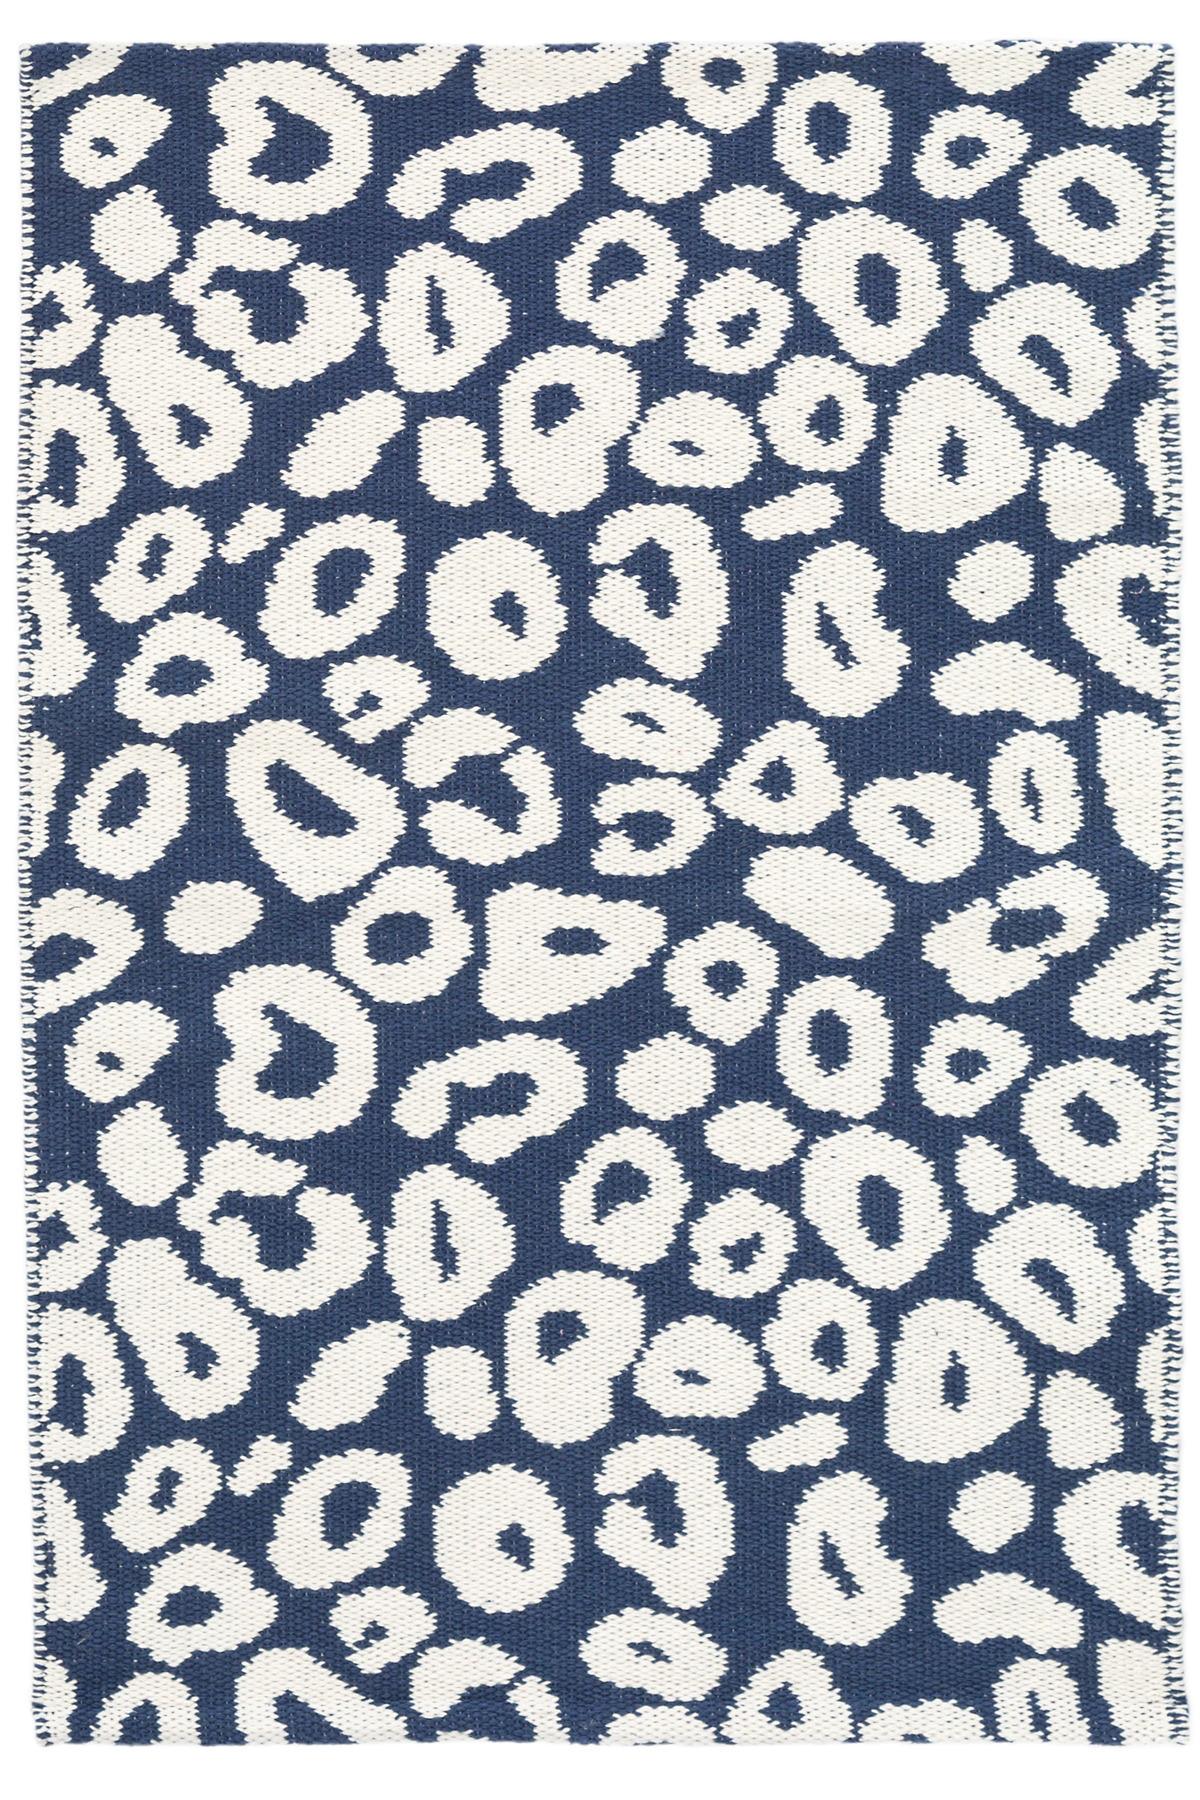 Spot Indigo Woven Cotton Rug